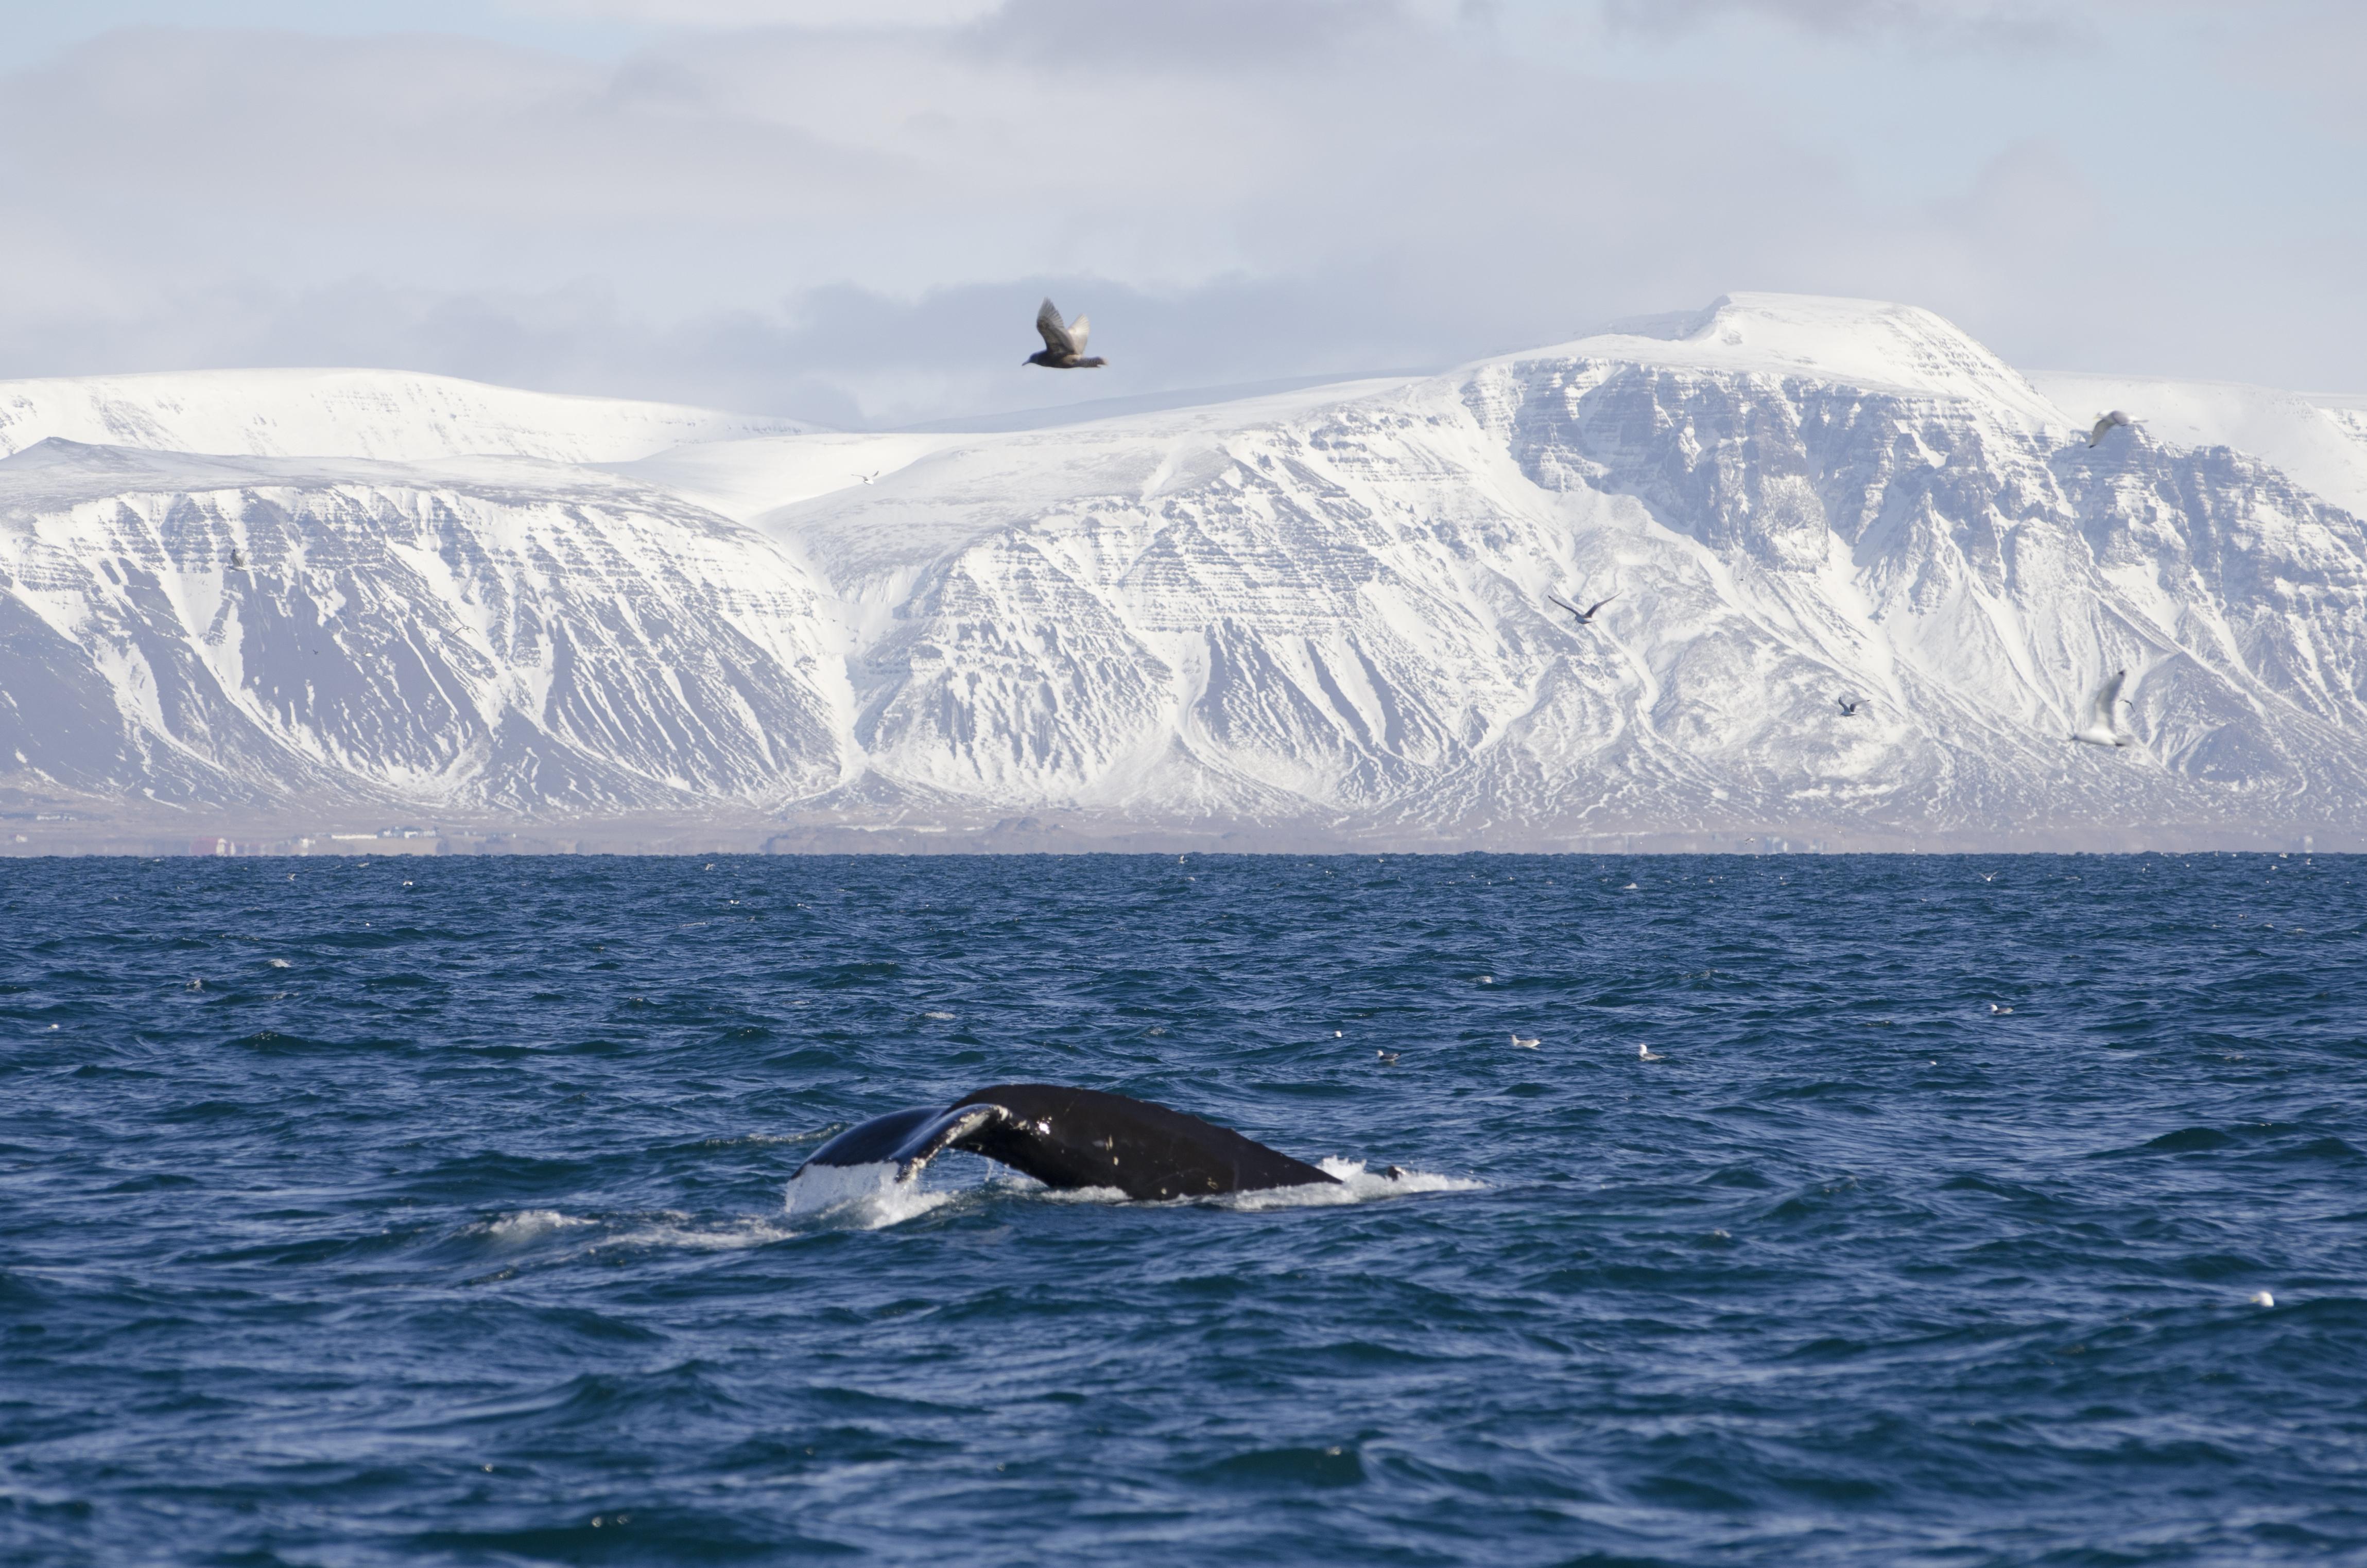 8天7夜环岛中文导游精品团|冬季来冰岛追极光,雷克雅未克出发,圣诞新年春节多个日期 - day 6